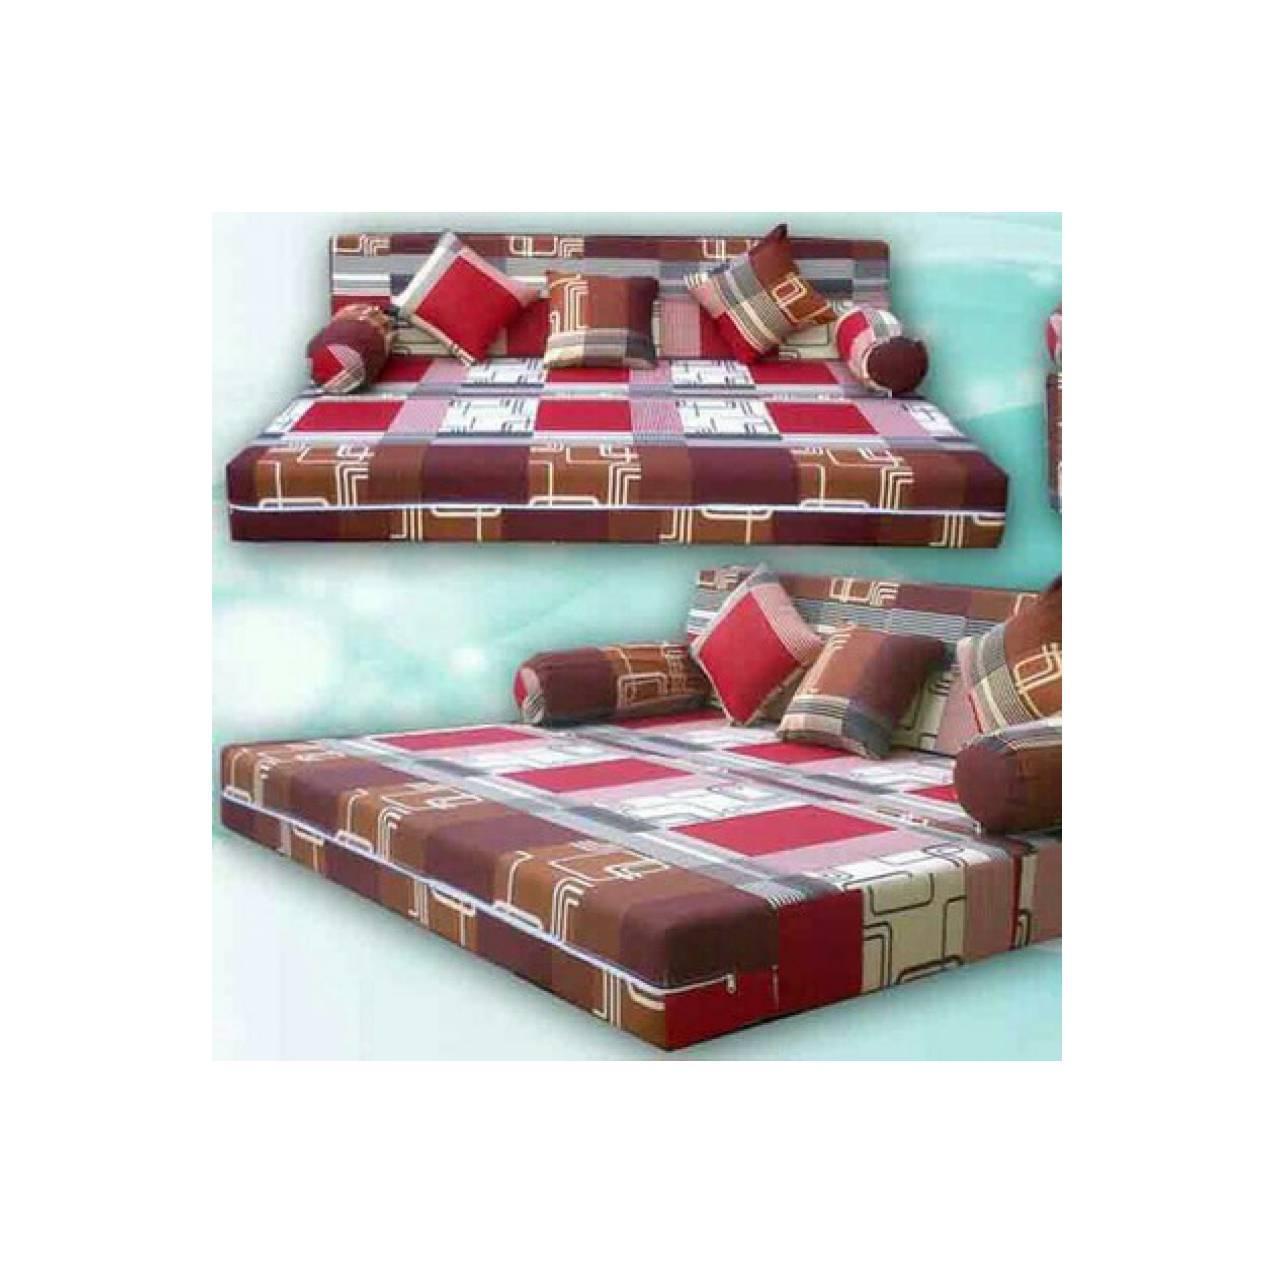 Sofa Bed Busa Inoac asli murah ukuran 200 x 180 x 20 No. 1